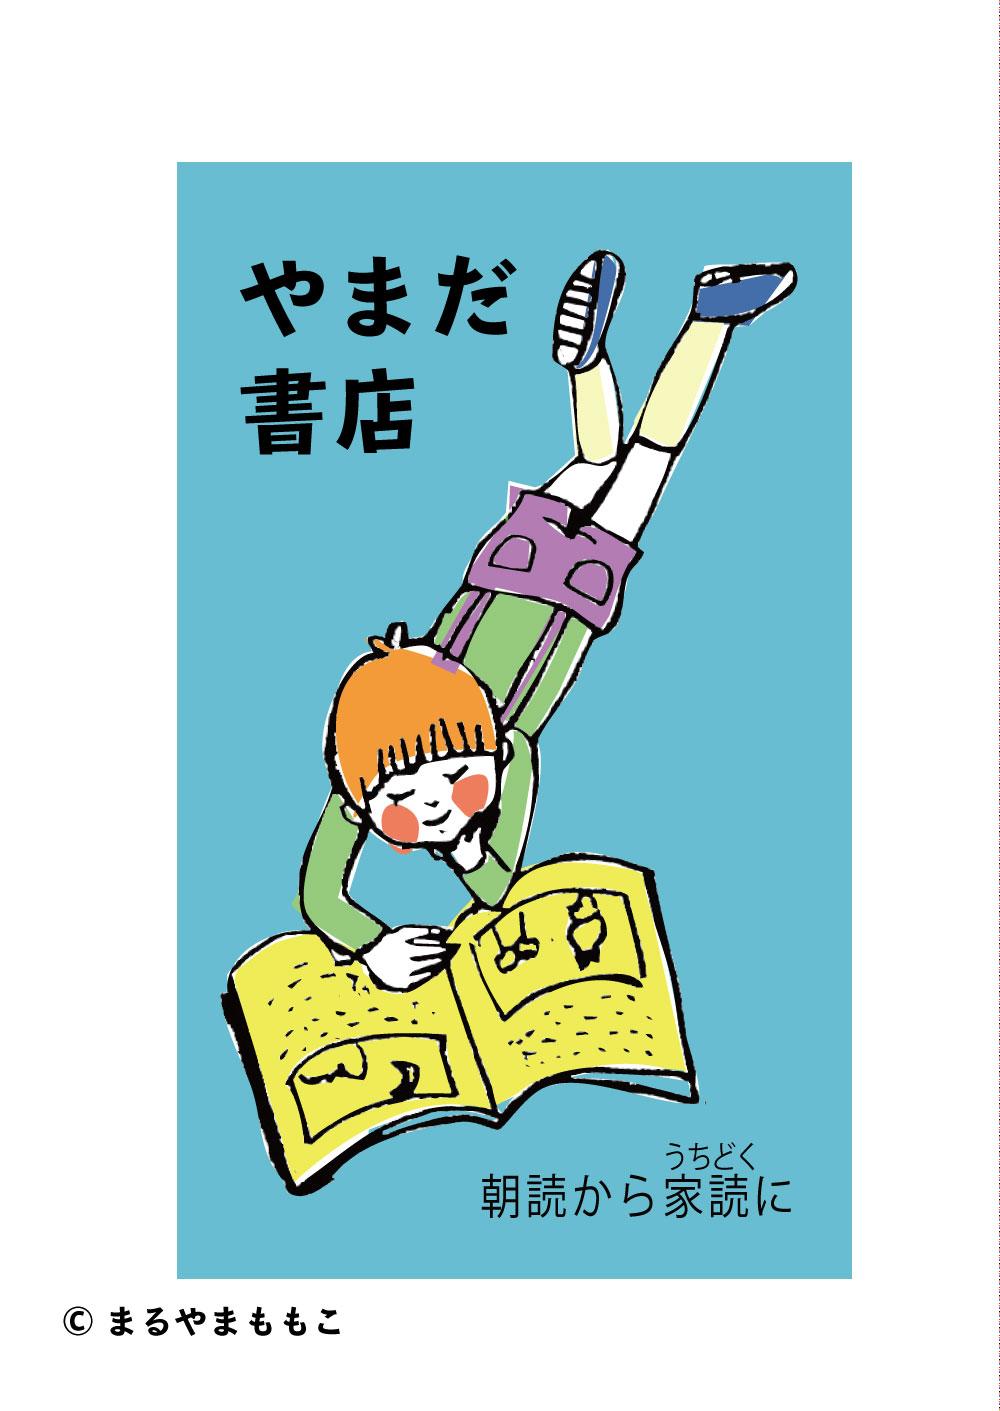 山田書店名刺2007B